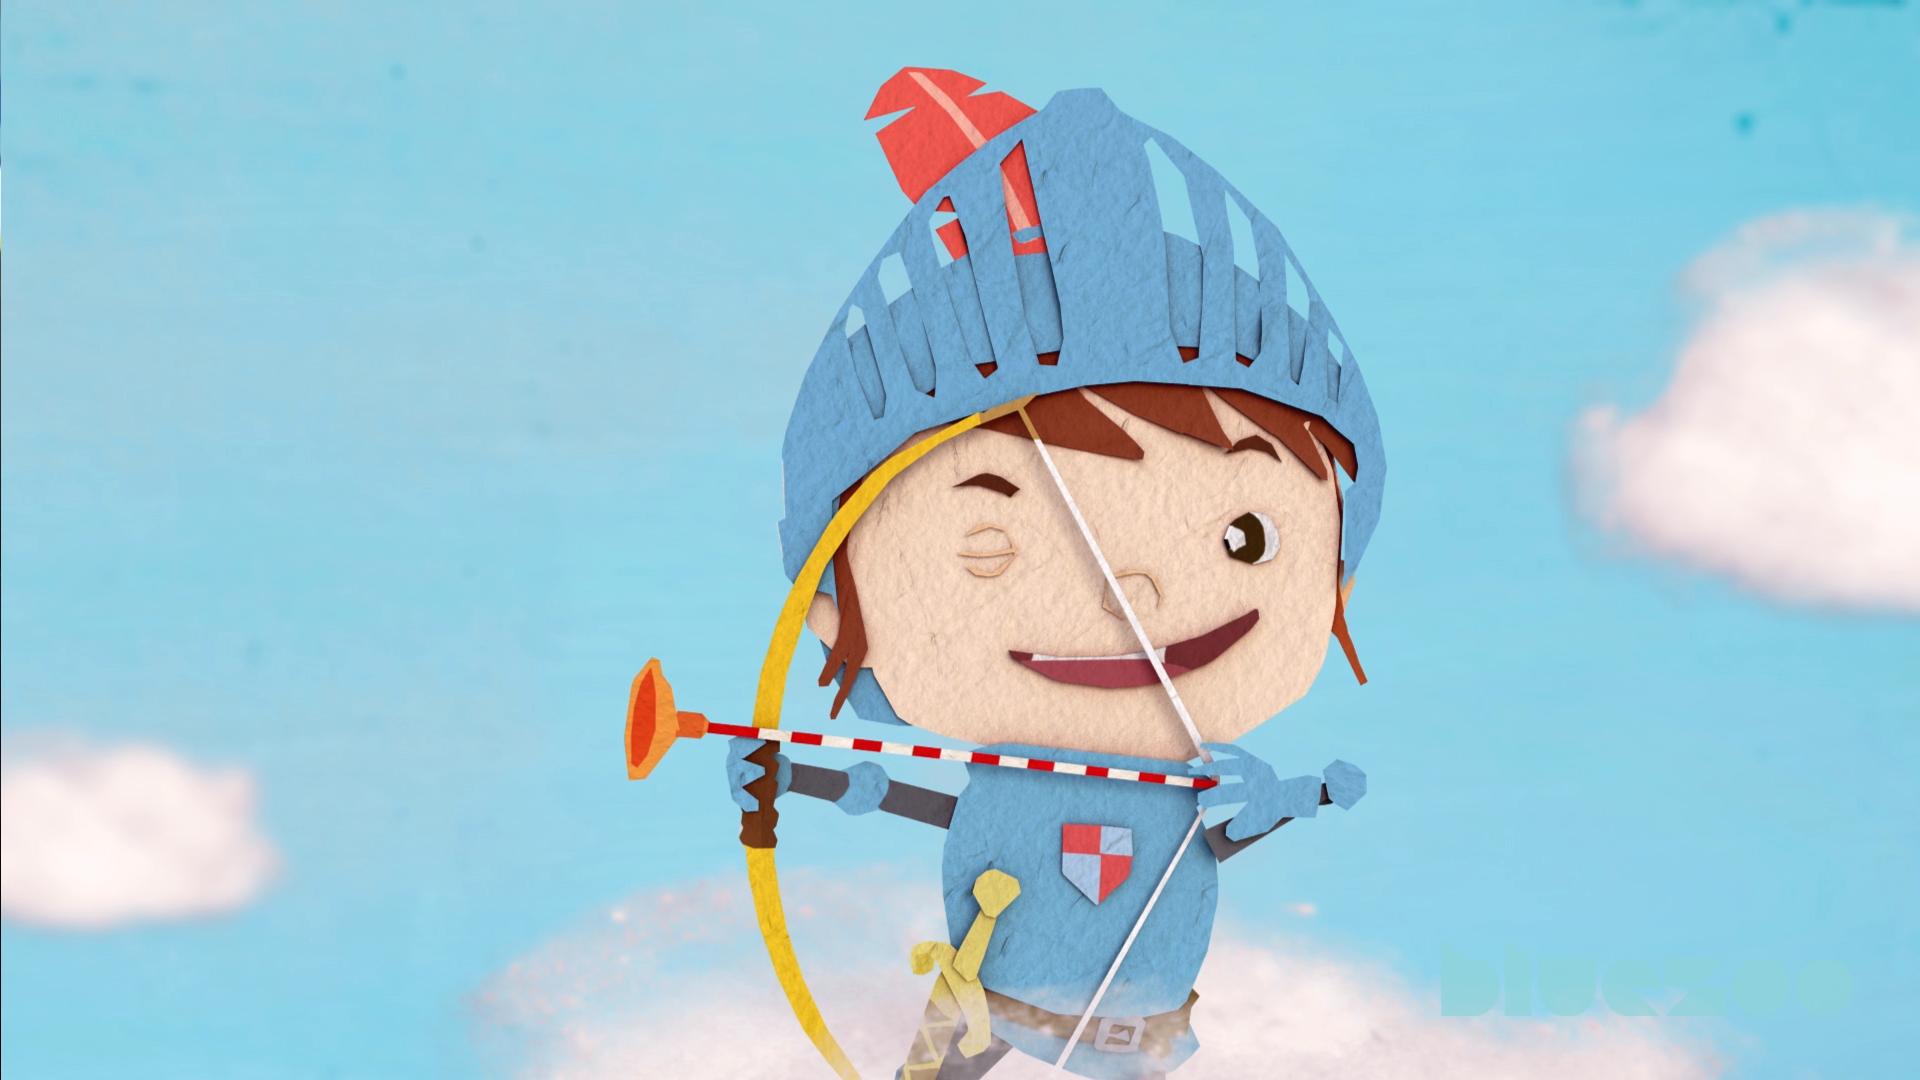 tinypop2.png